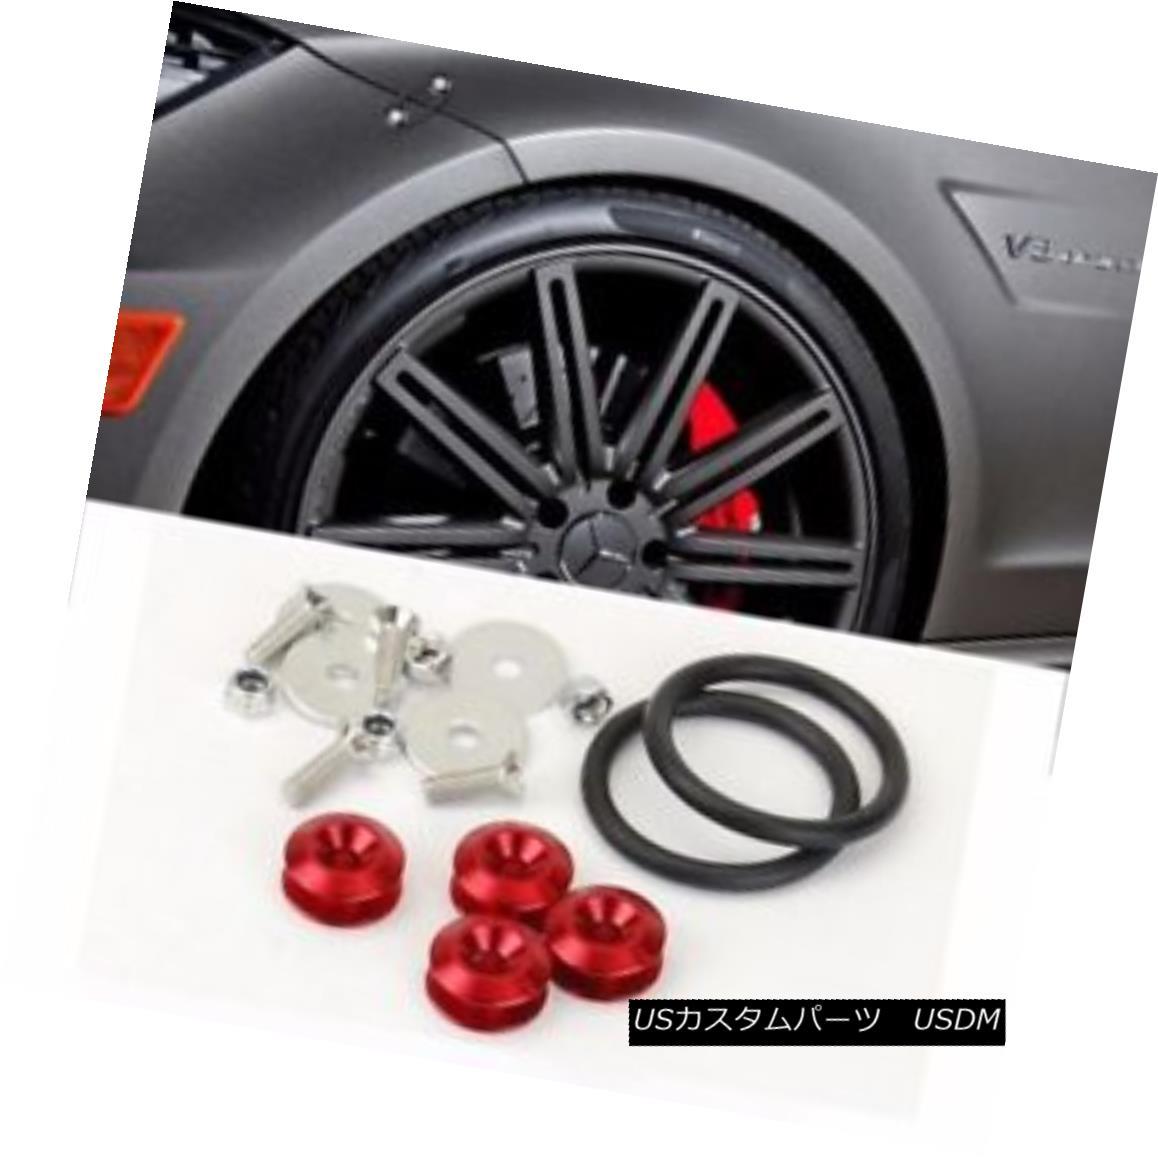 エアロパーツ Red Bolt on Fast Quick Release Secure Kit For Subaru Front Rear Bumper Lip 赤いボルトは速いクイックリリースでスバルフロントリヤバンパーリップ用の安全なキット